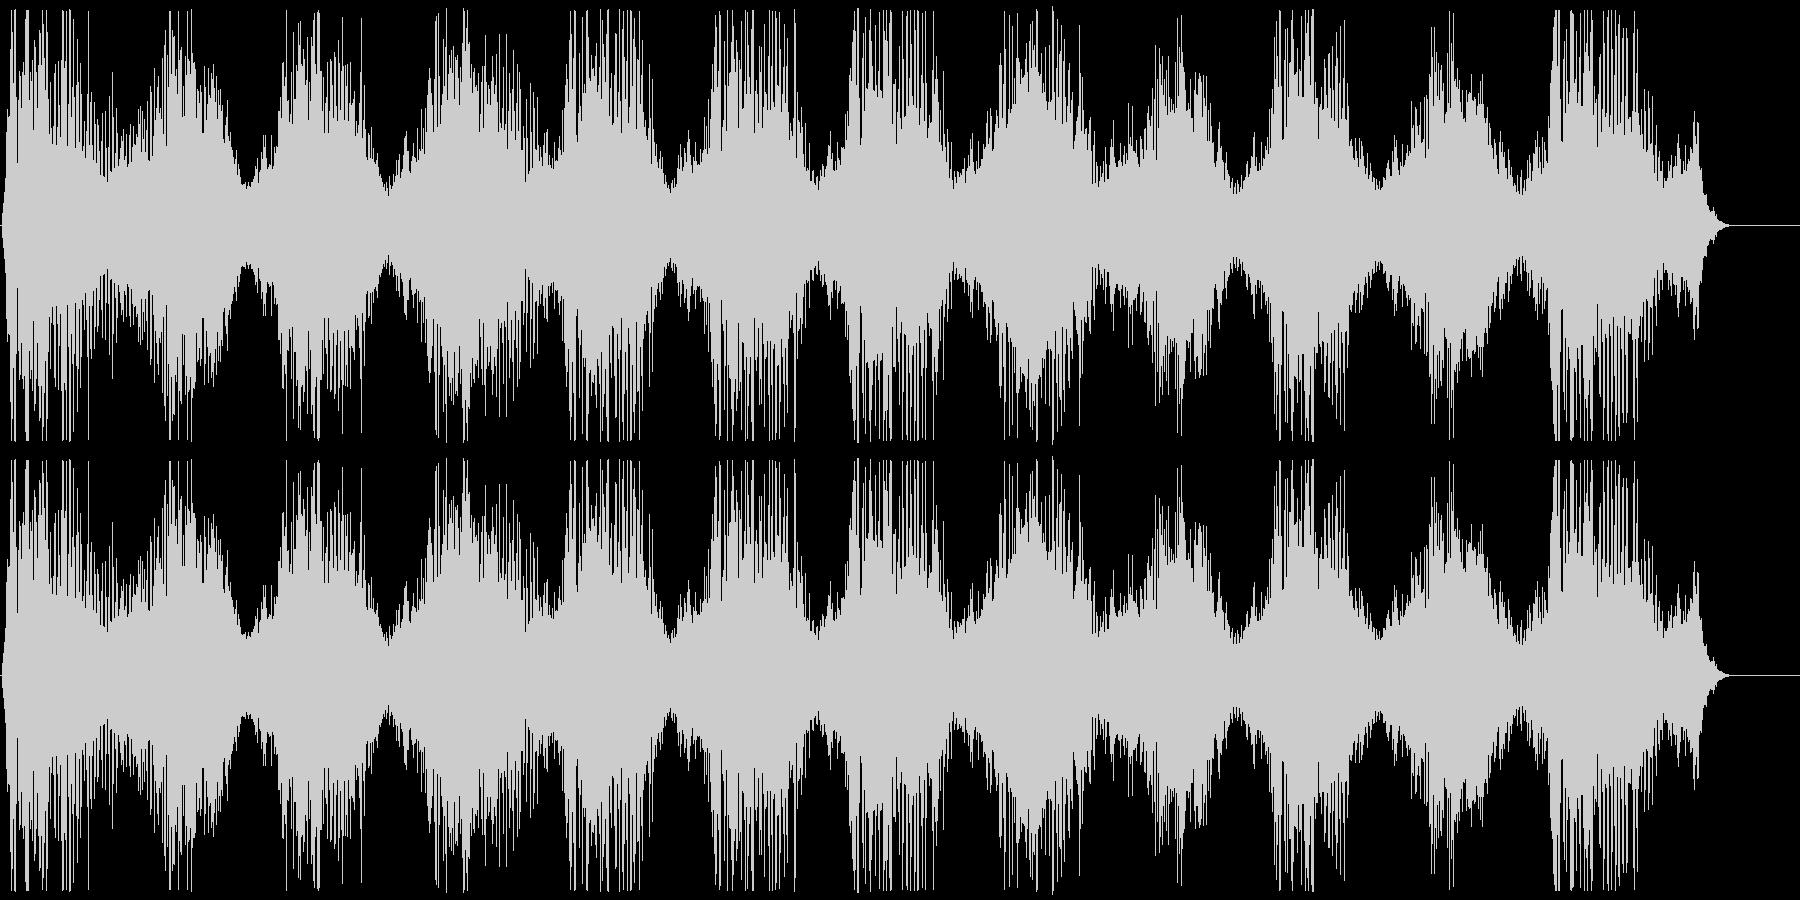 機械稼働音 3の未再生の波形